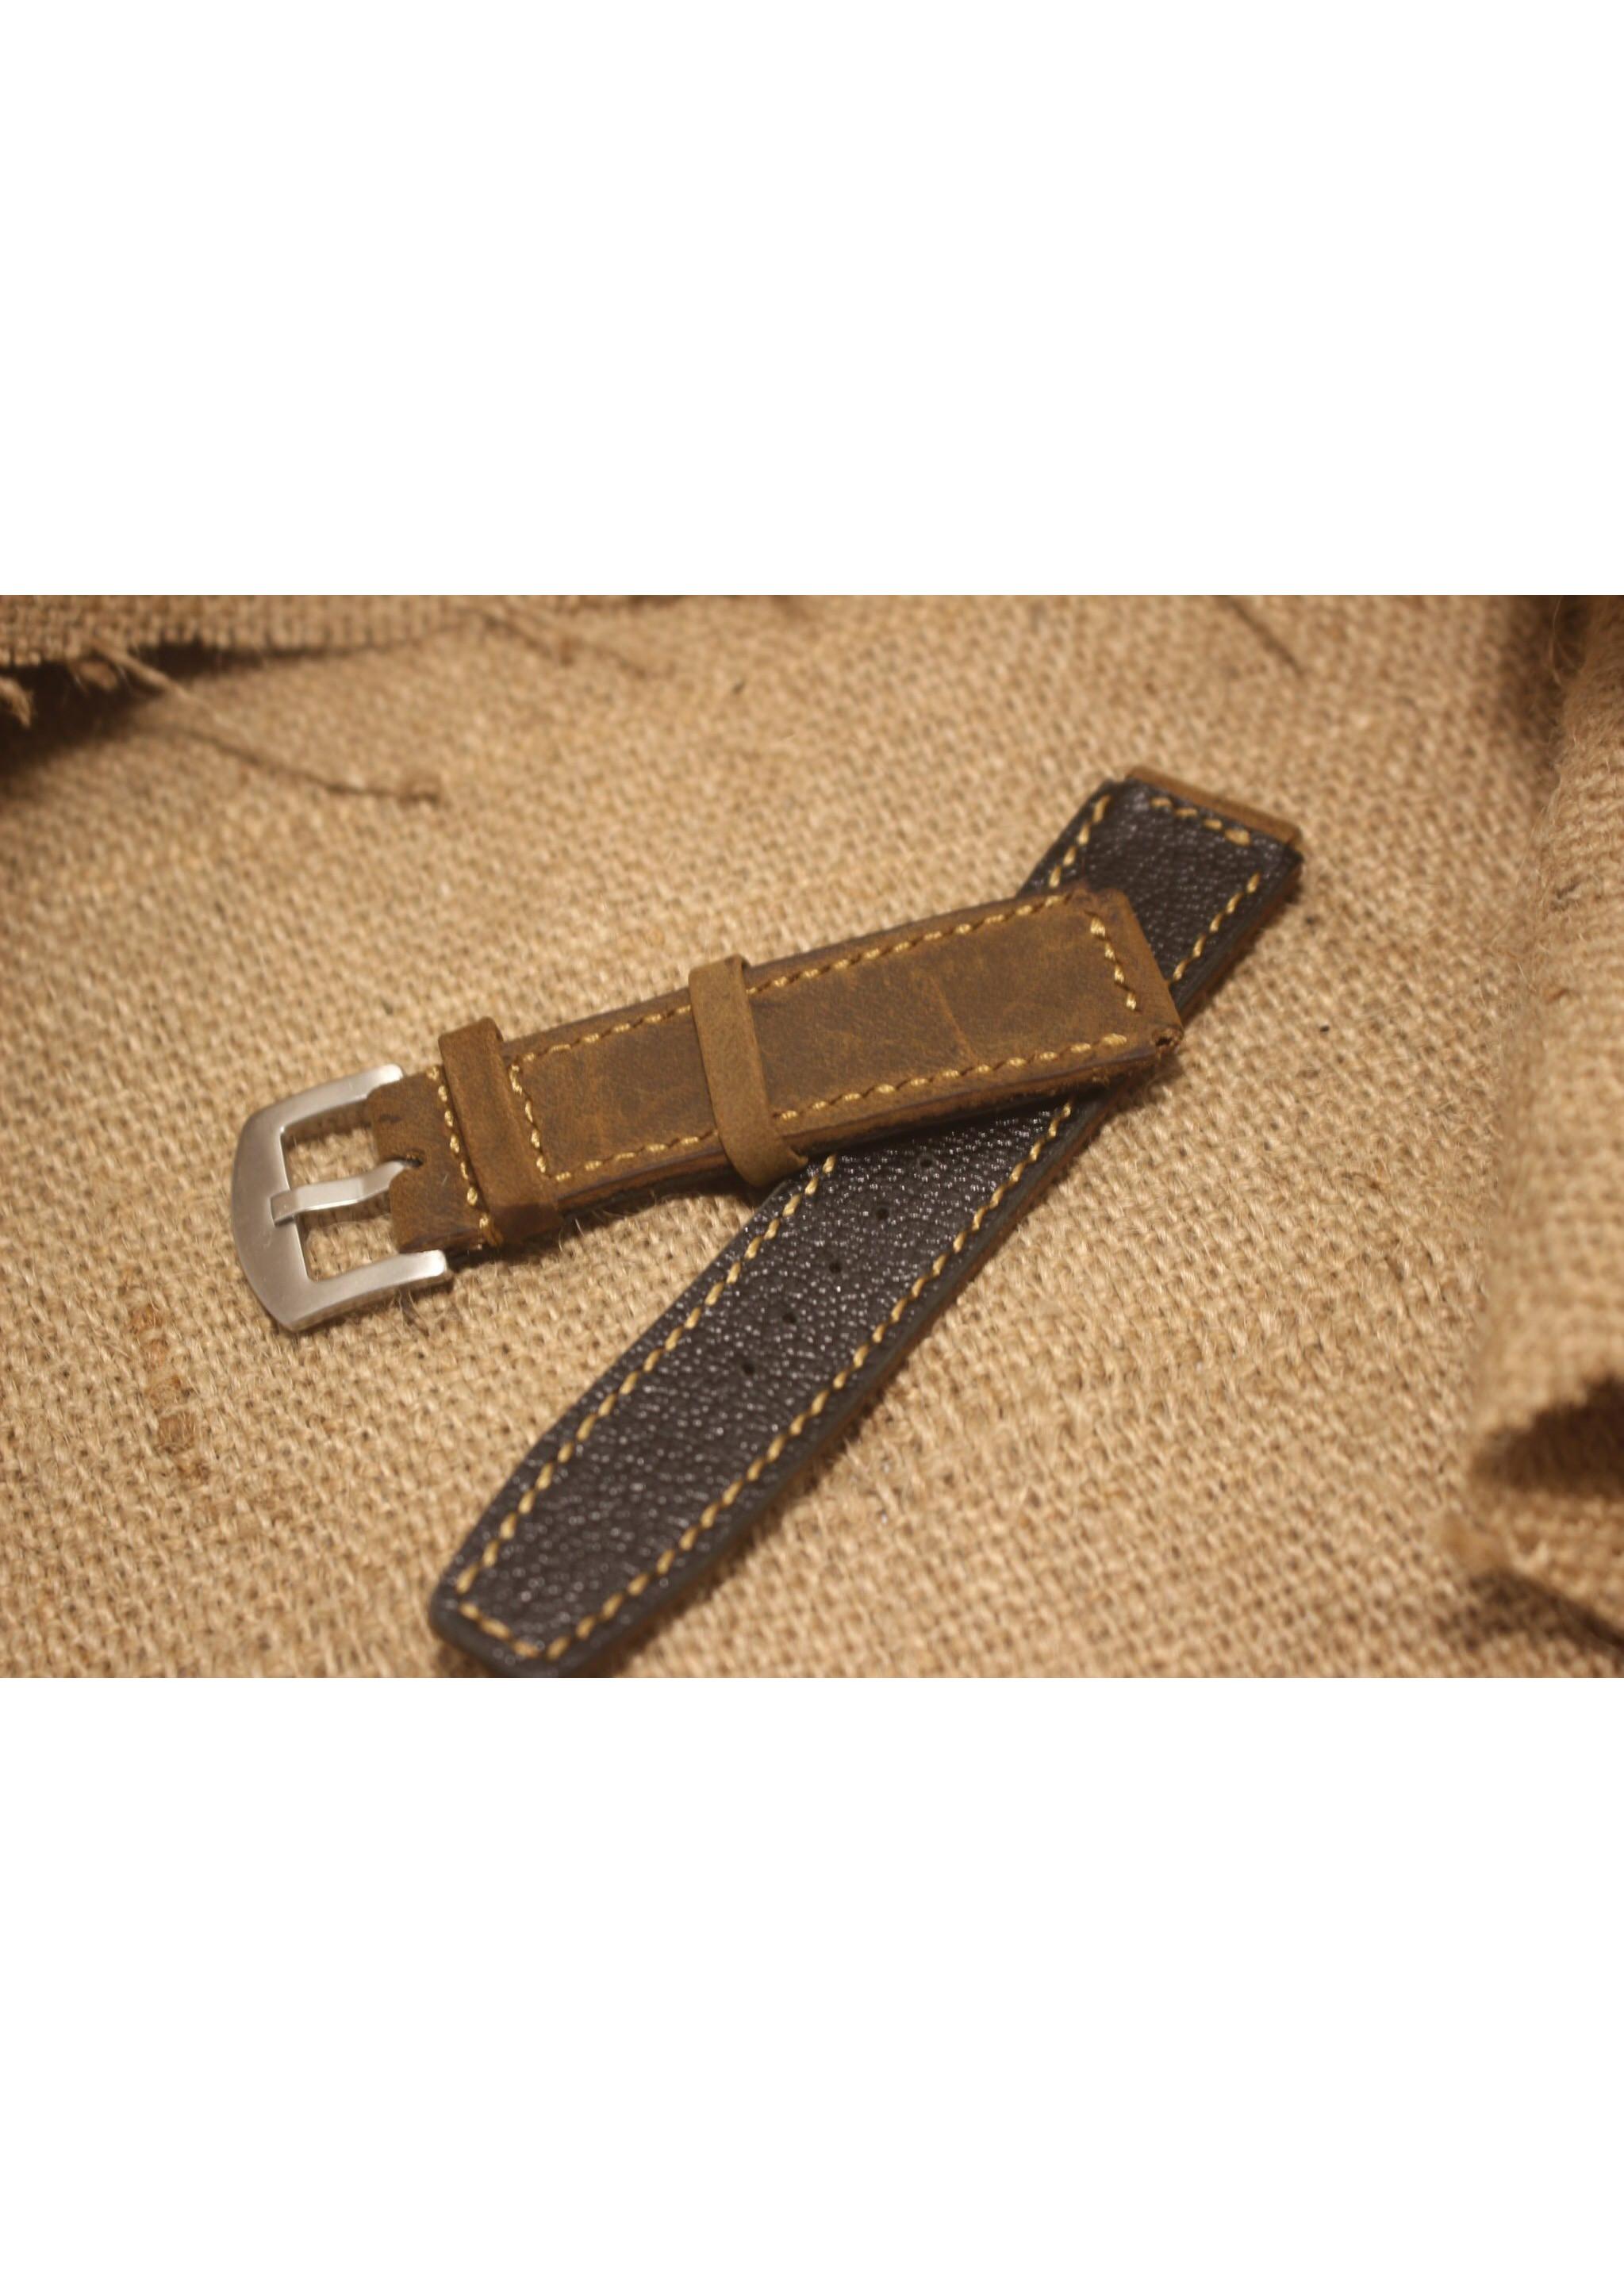 Dây đồng hồ da cho casio AE 1200 ( casio - size 18mm)